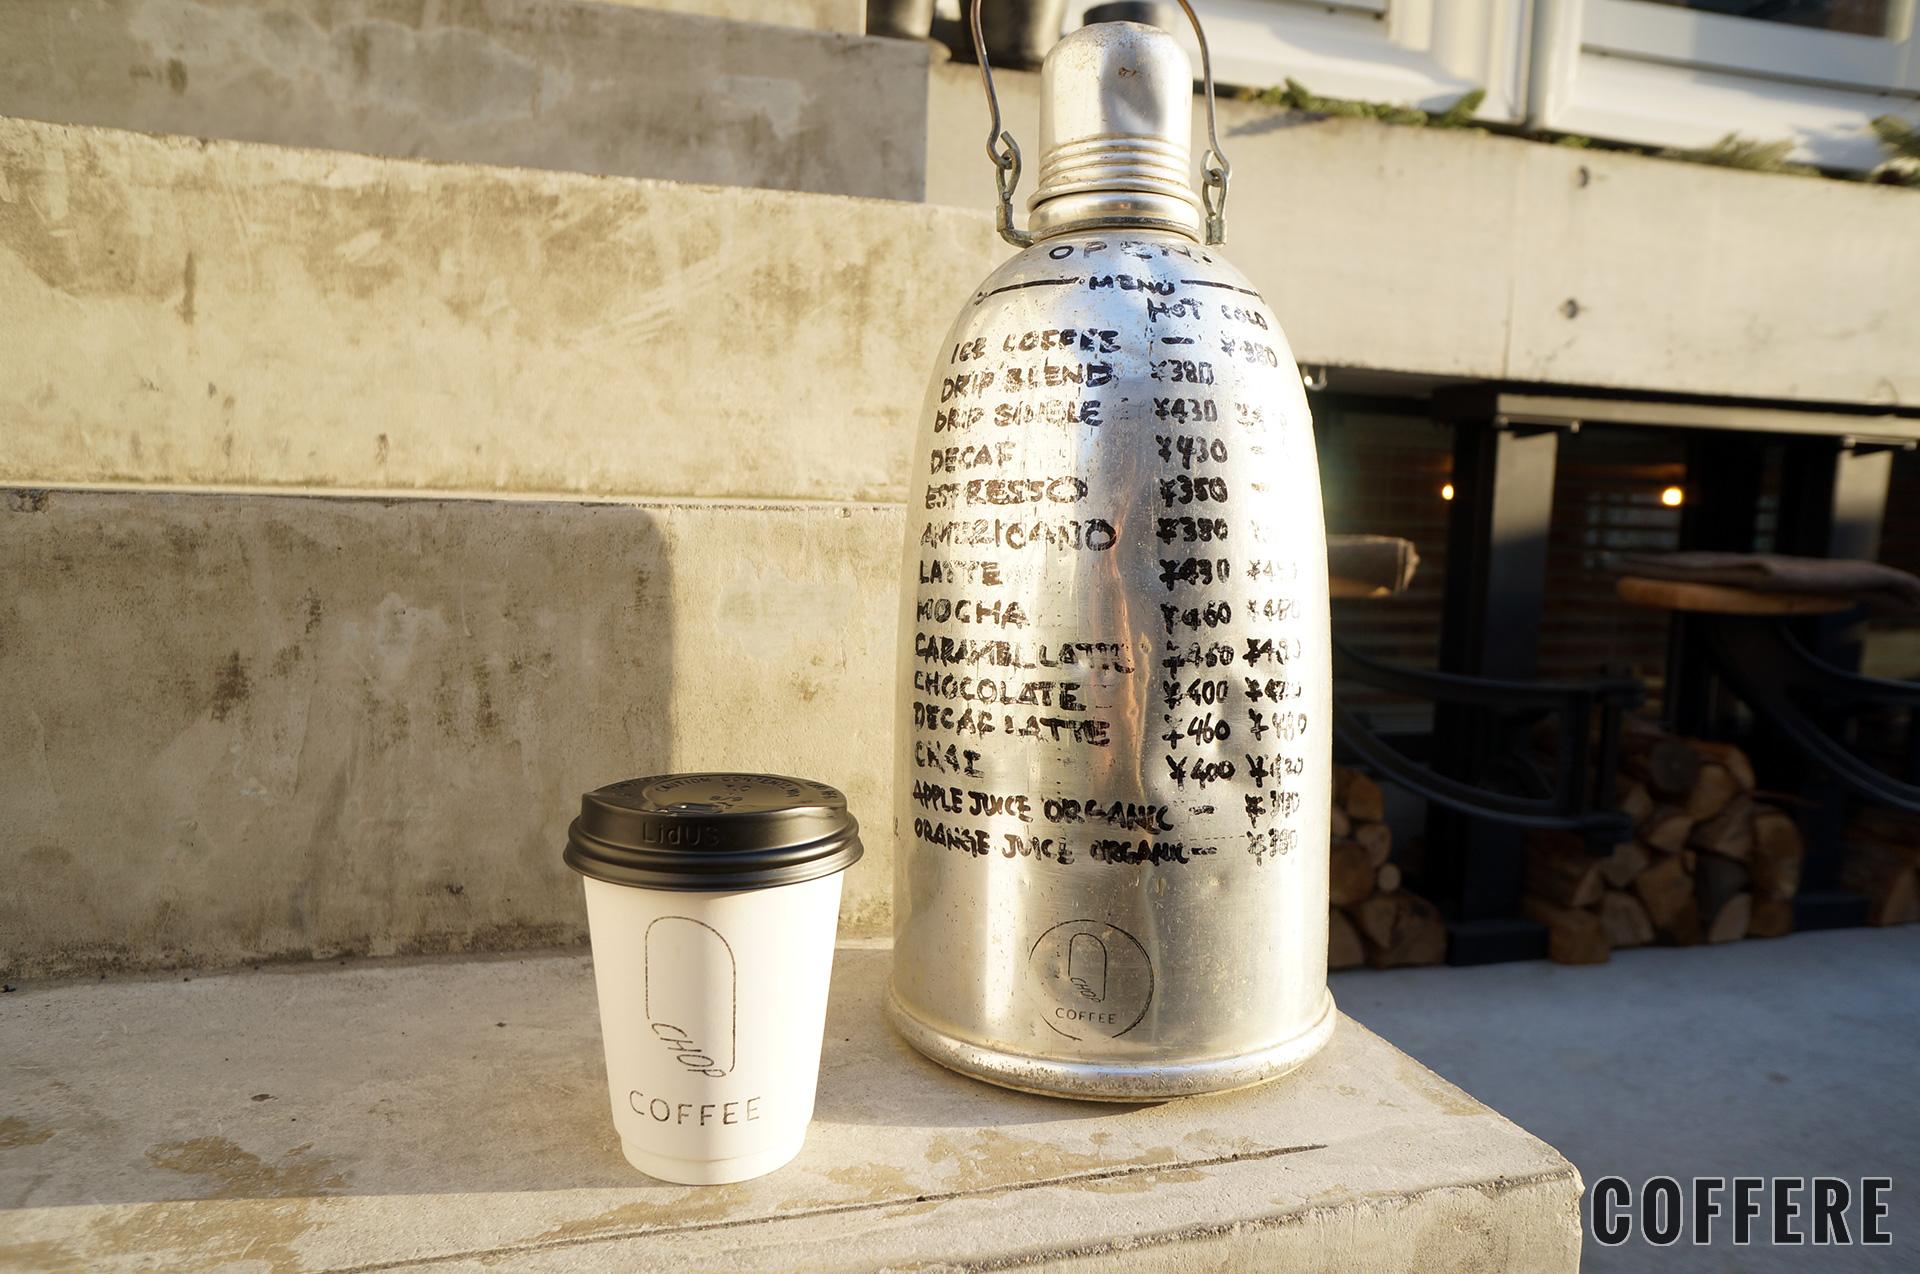 CHOP COFFEEのカップとメニューが書いてあるボトル